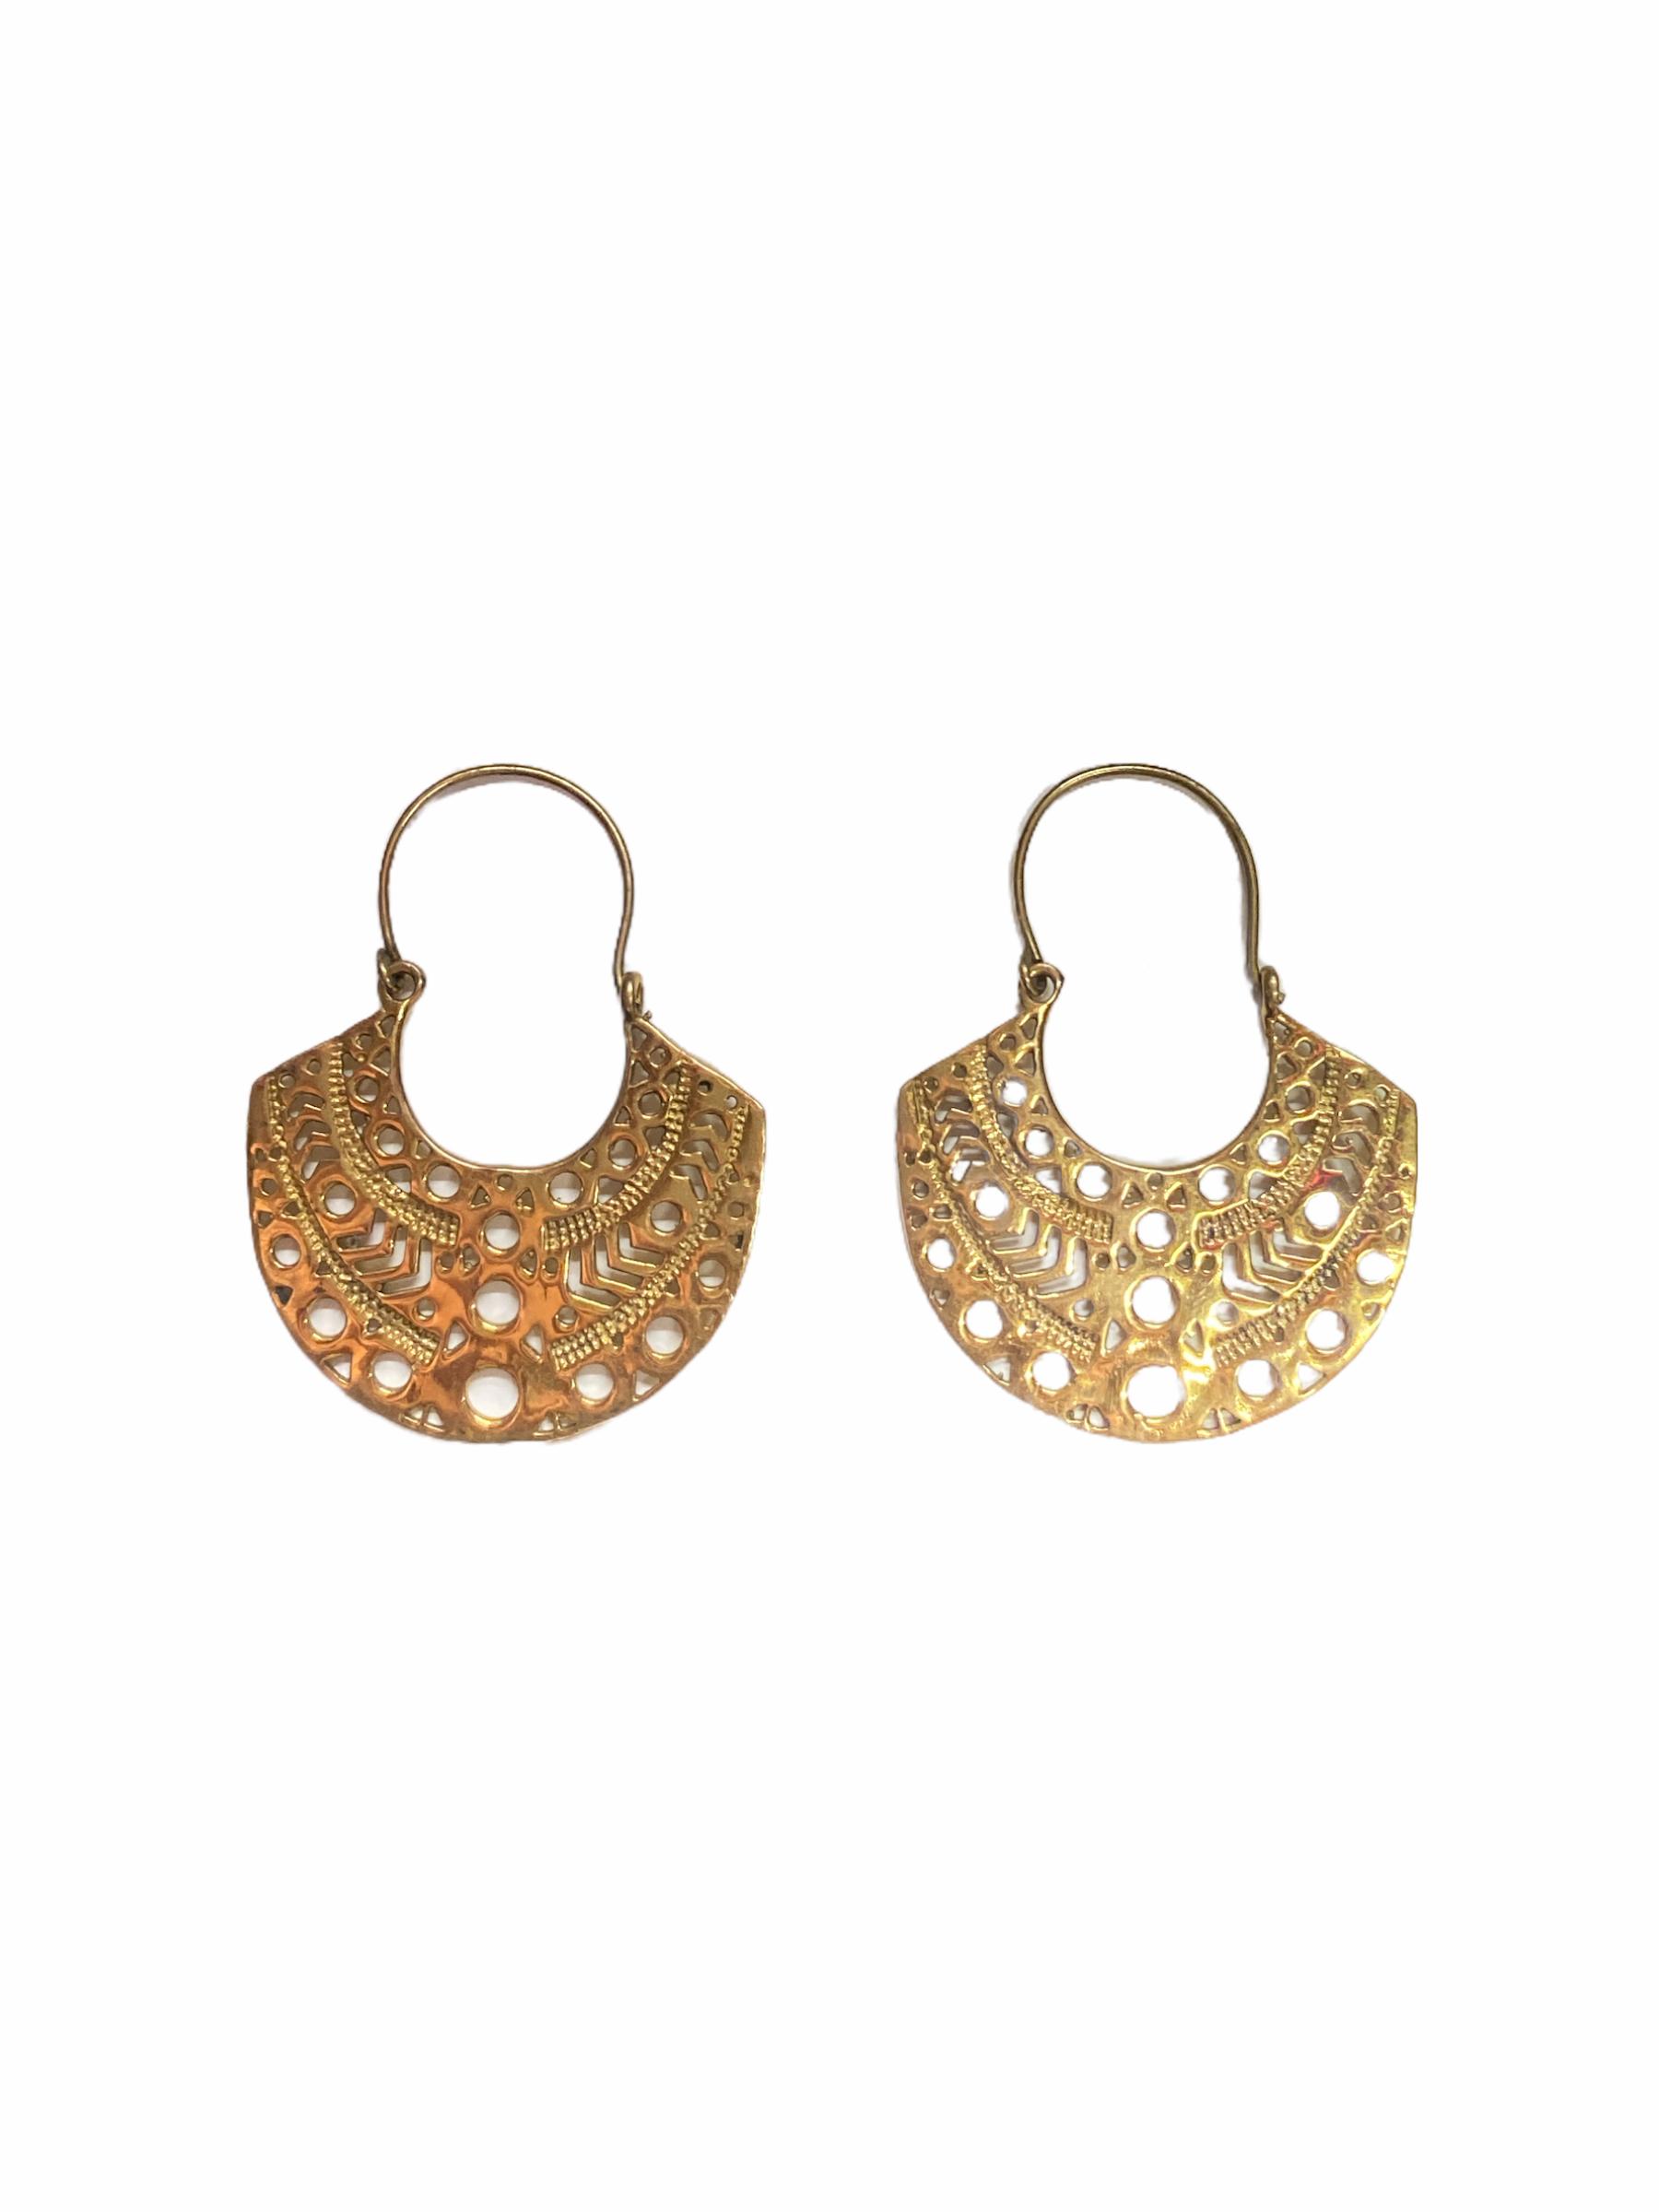 Σκουλαρίκια Χειροποίητα Σε Χρυσό Χρώμα